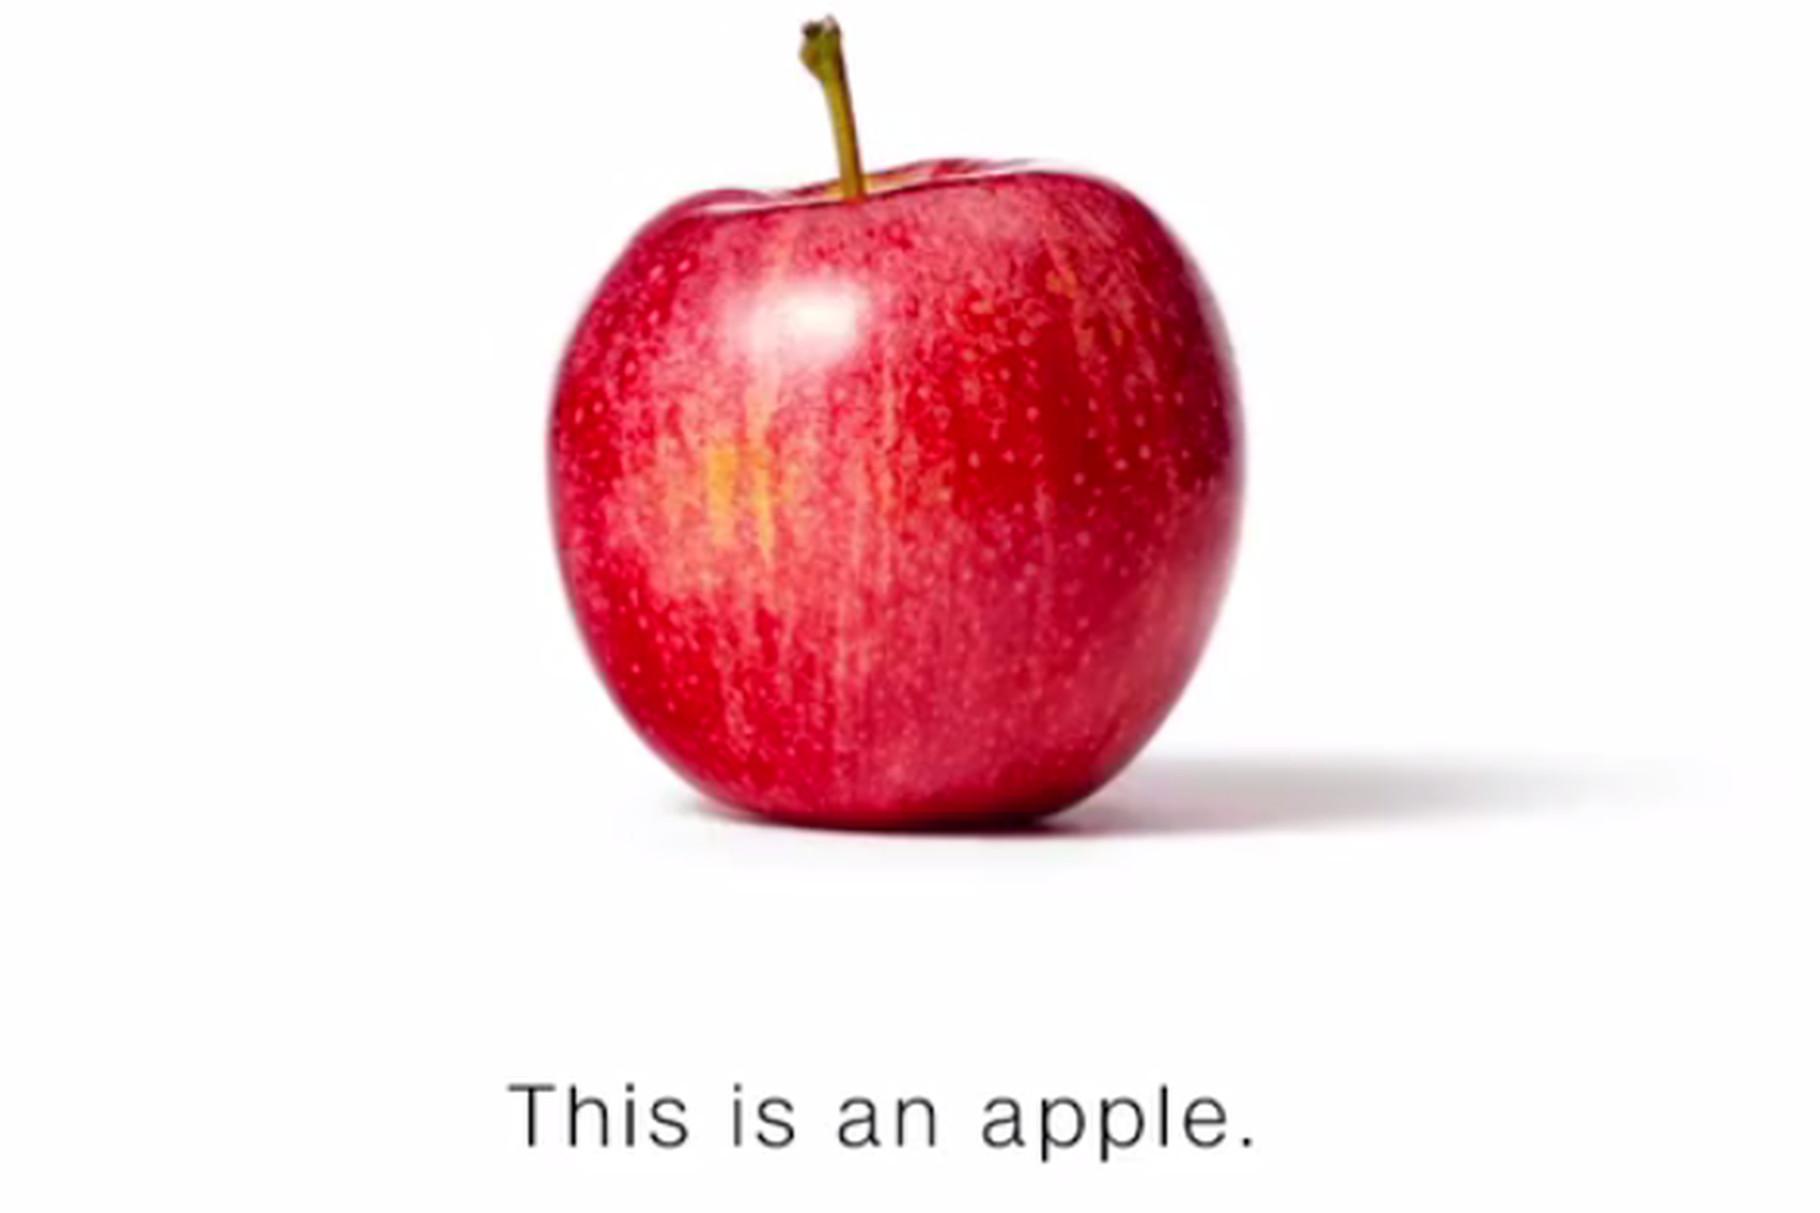 Jablíčkářův koutek: Samsung jen kope kolem sebe, firma nemá žádnou tvář